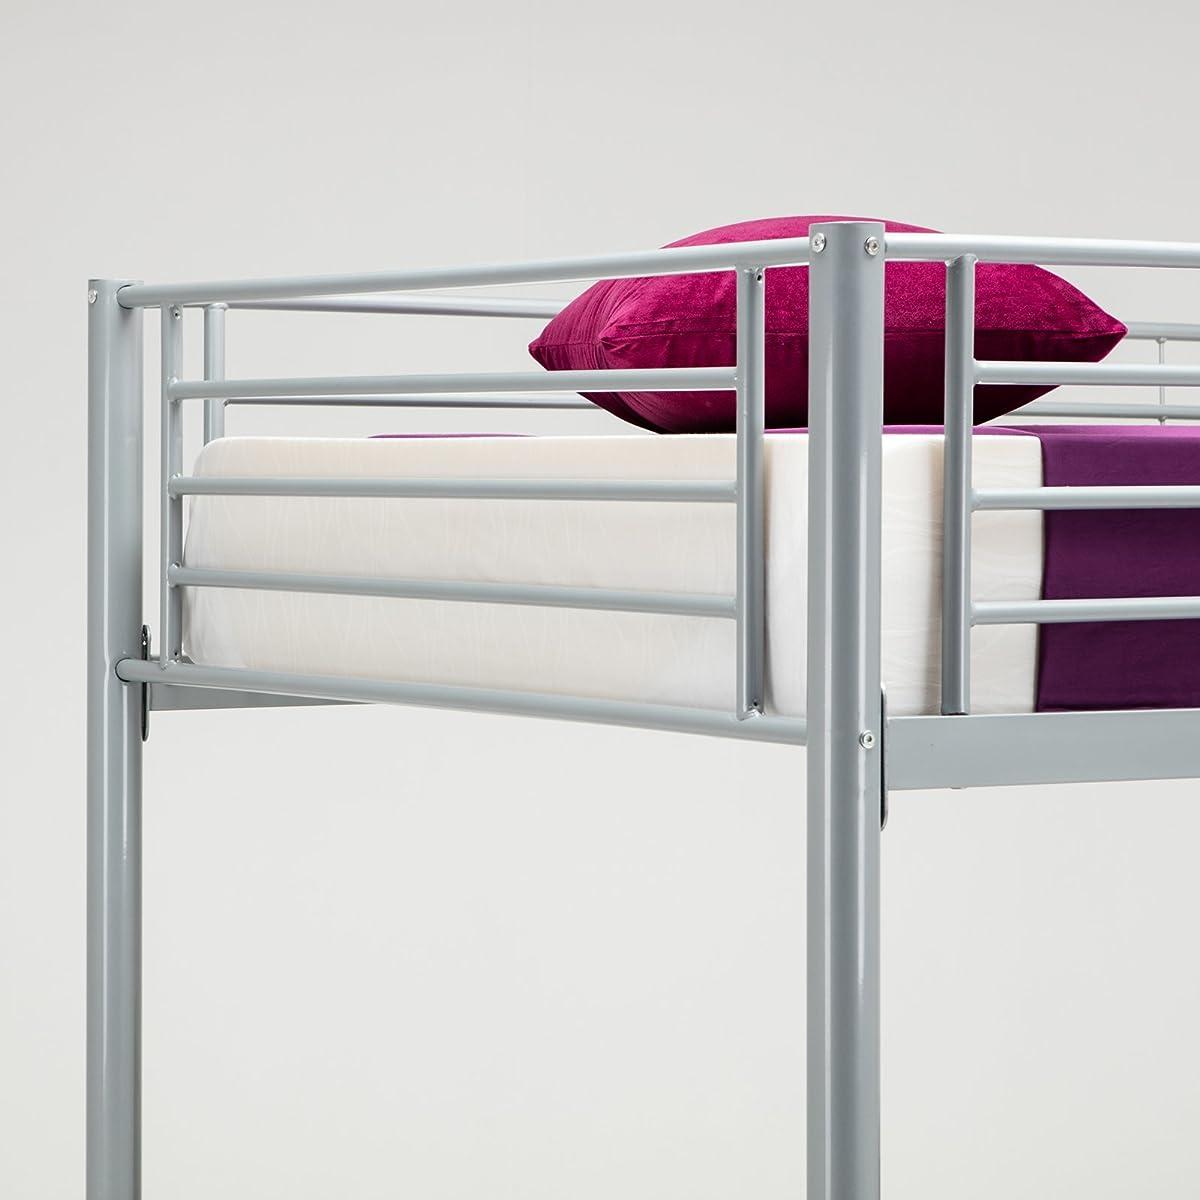 DFM Twin over Twin Metal Bunk Beds Frame Ladder Kids Adult Children Bedroom Dorm